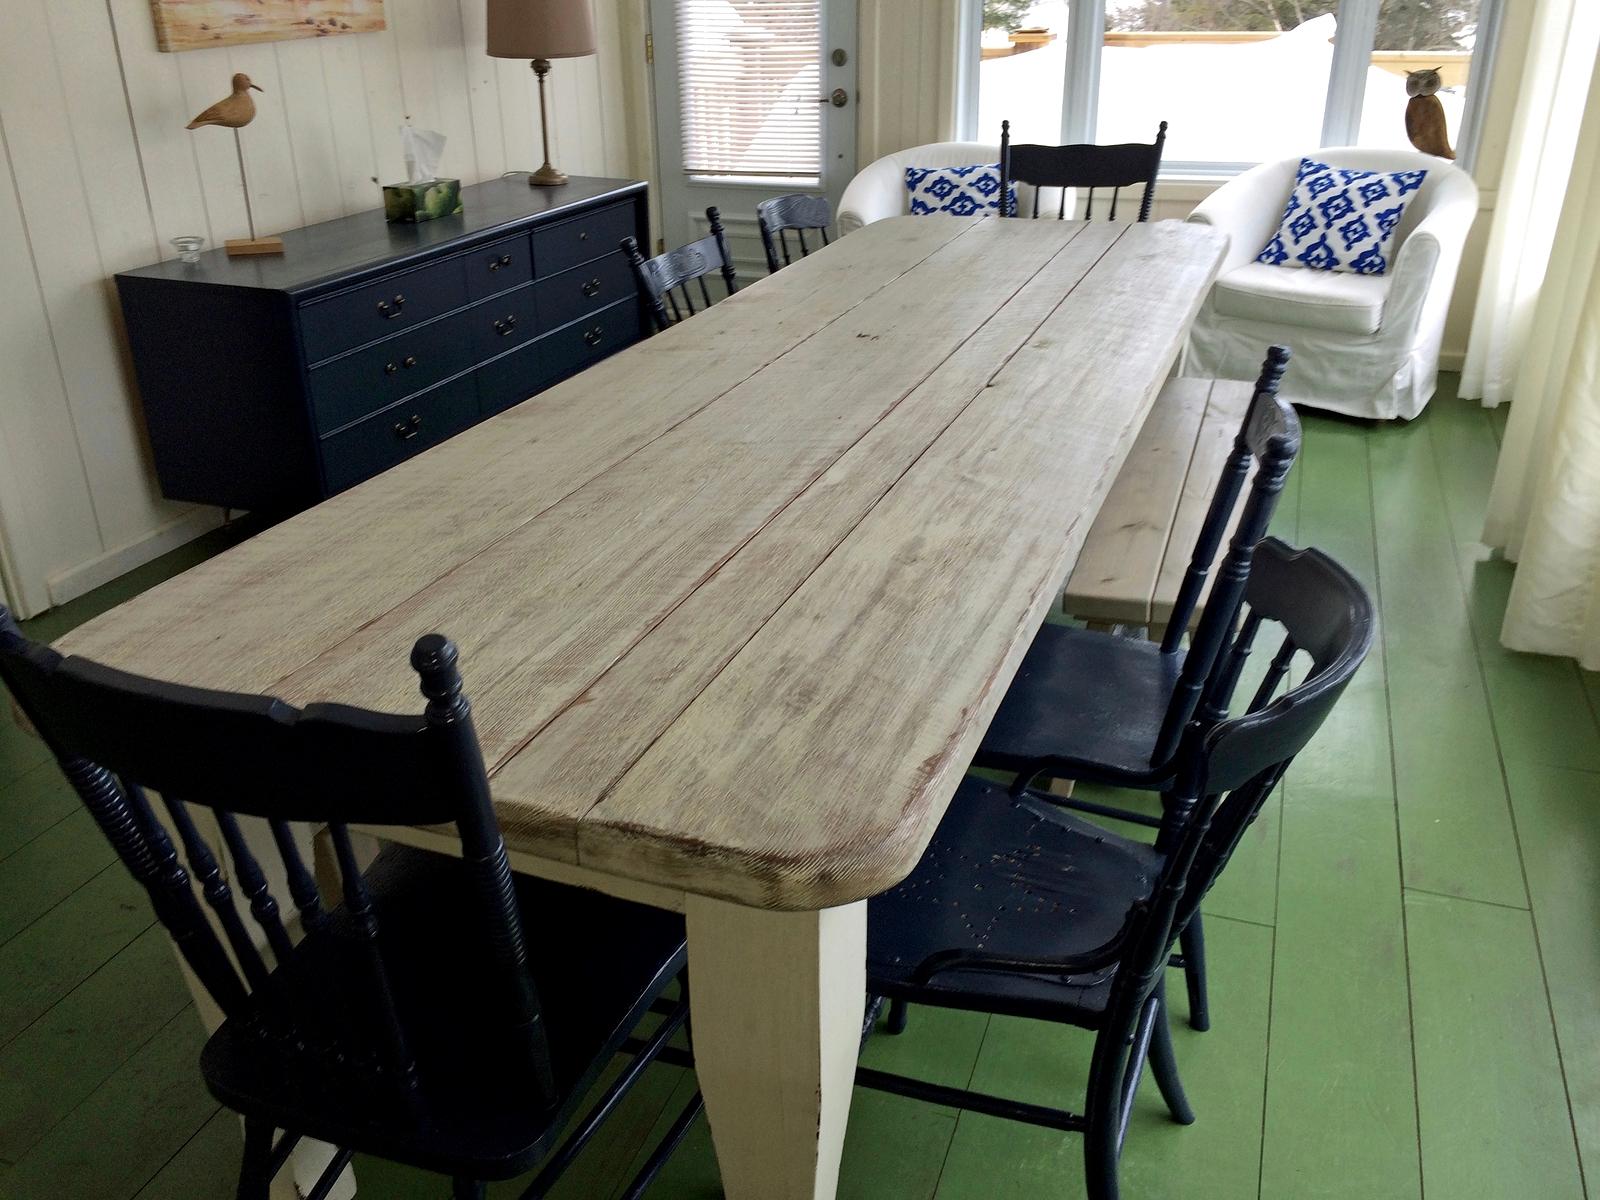 Table sur mesure salle a manger cuisine antique lanaudiere - Table a manger sur mesure ...